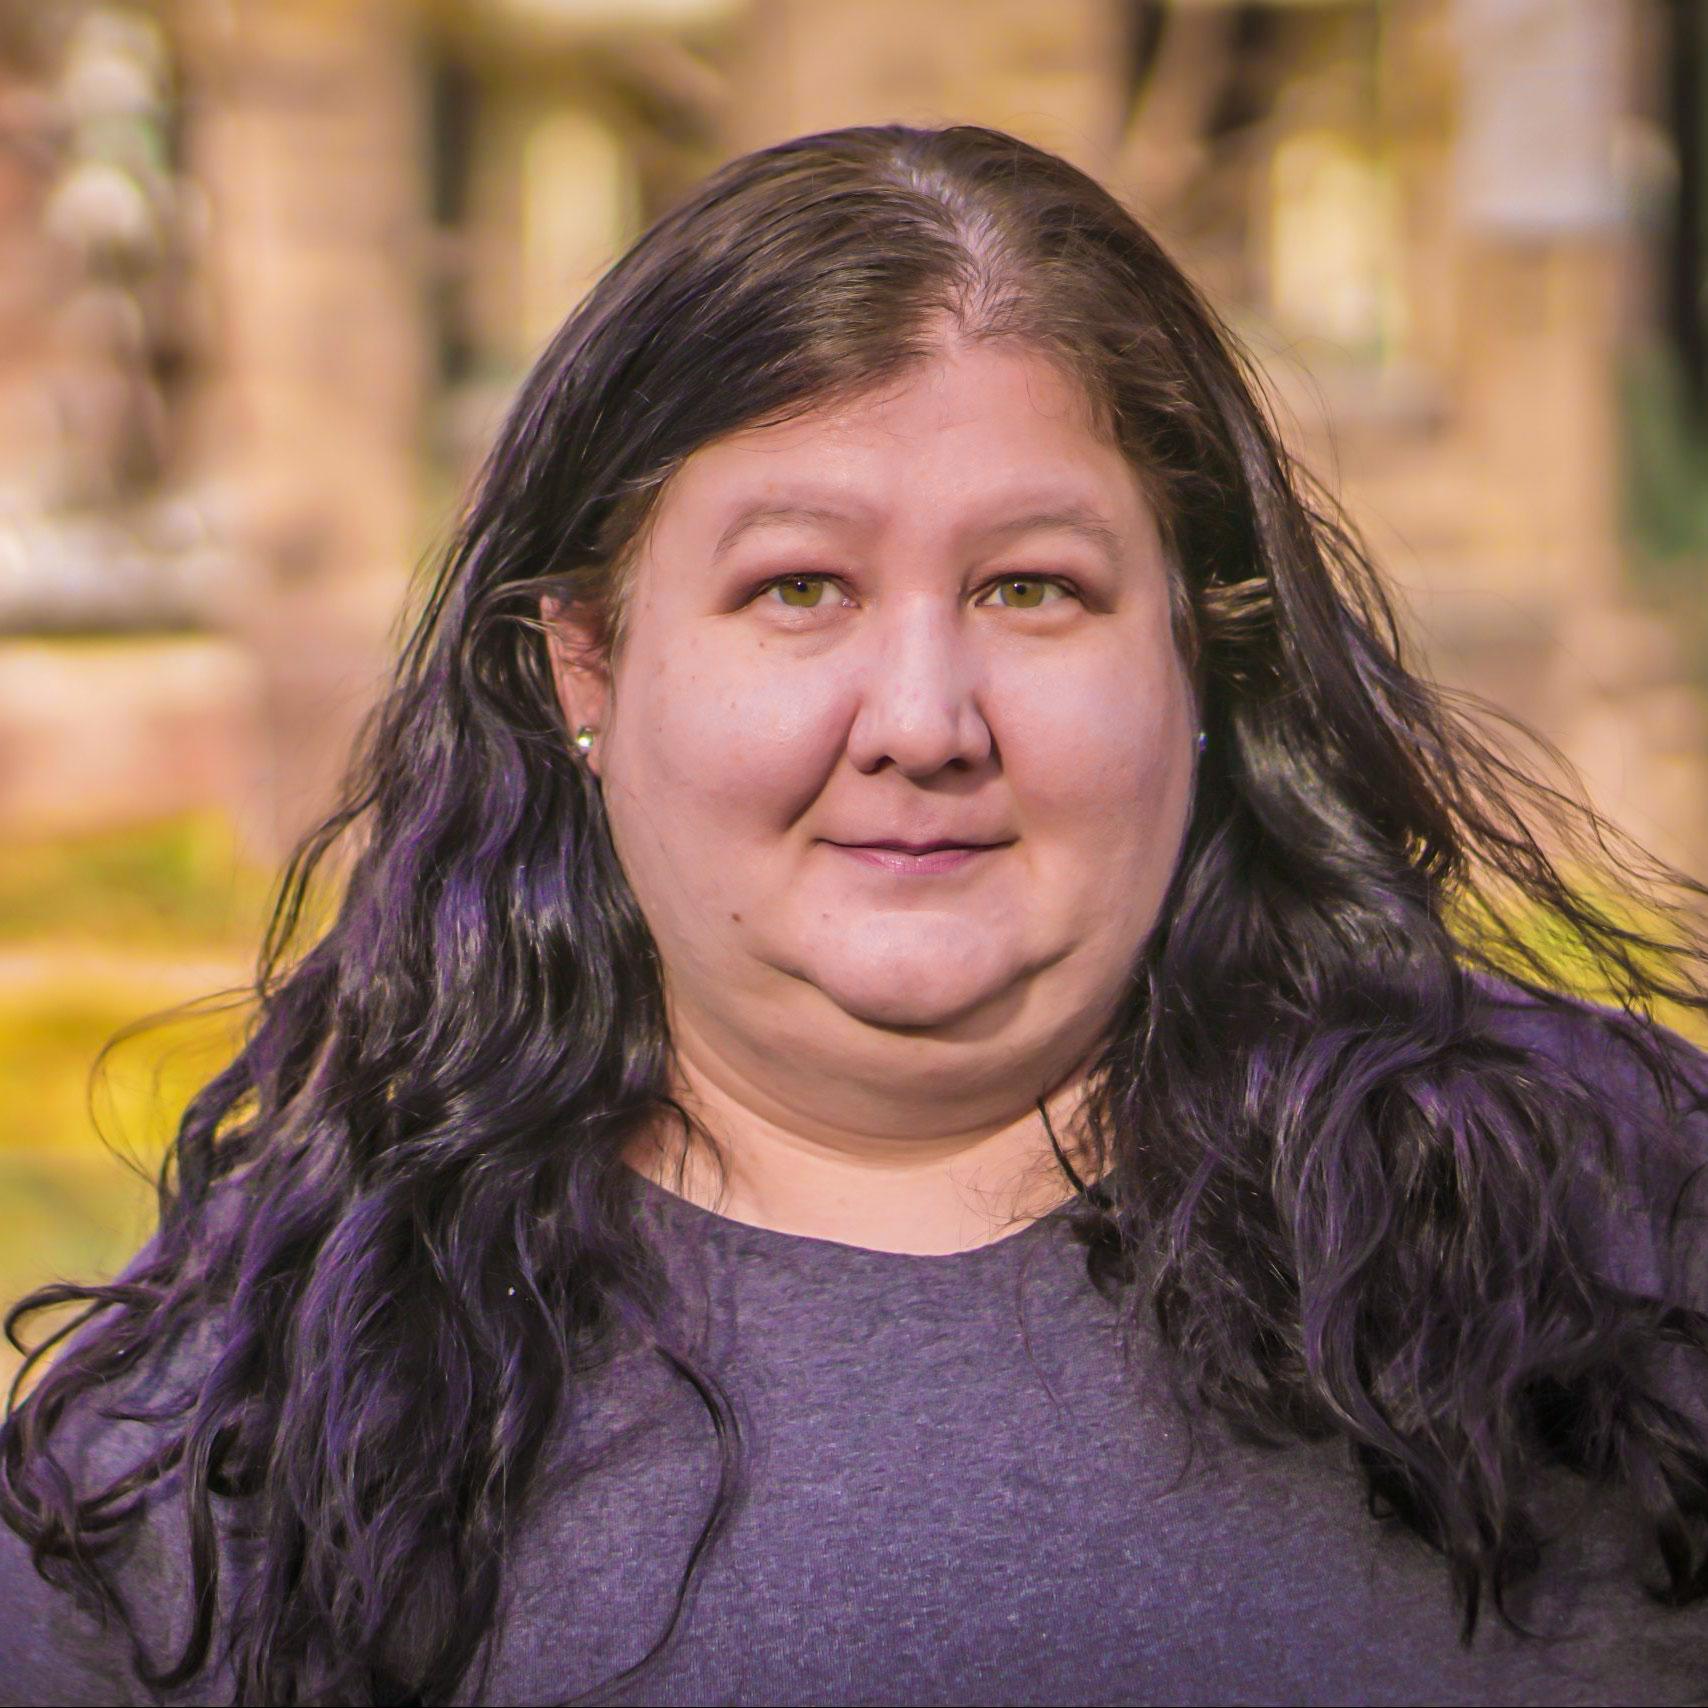 Lauren Rudick